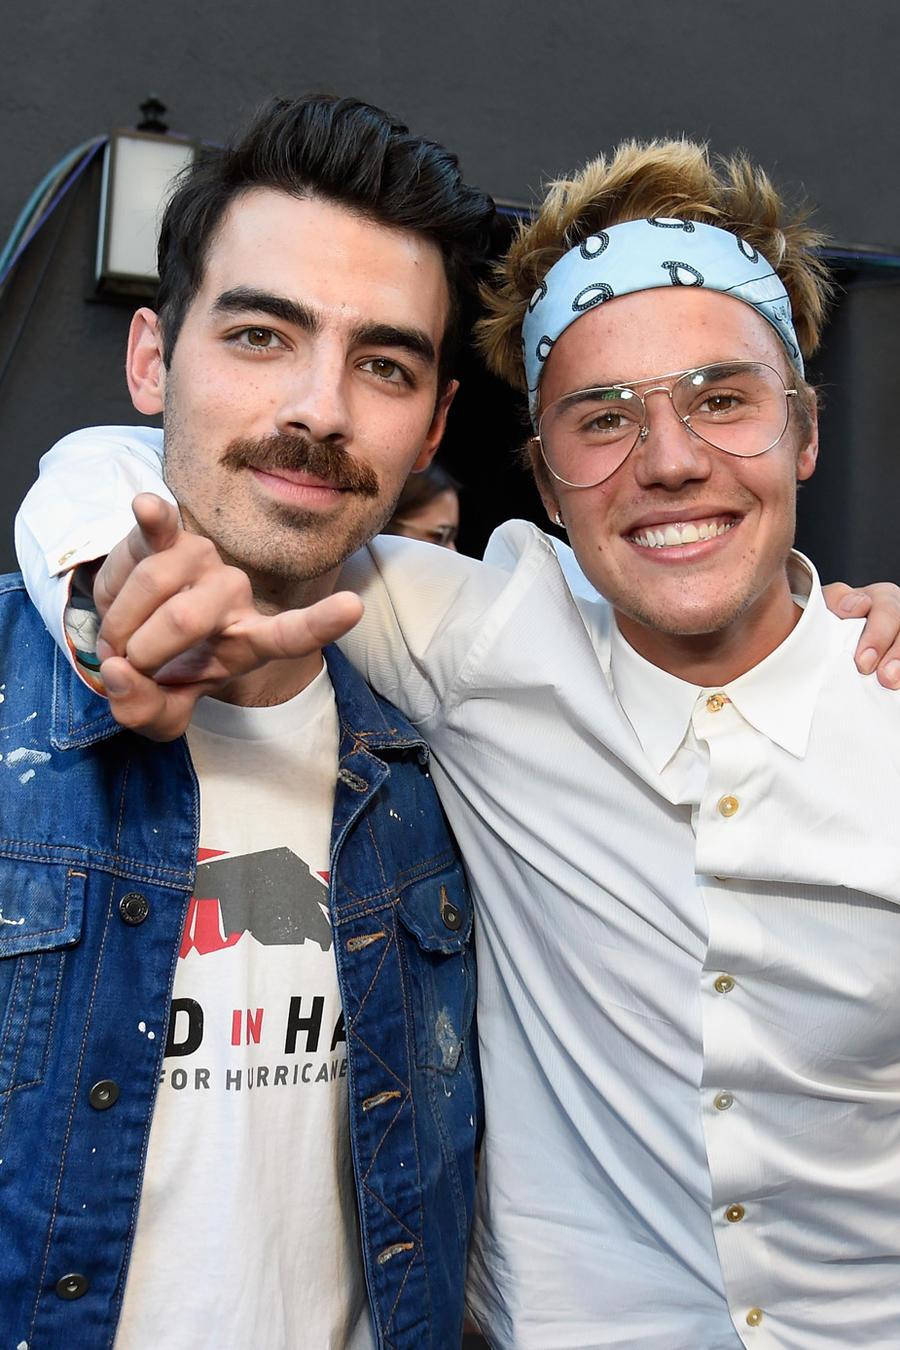 Joe Jonas y Justin Bieber en el evento Hand in Hand: A Benefit for Hurricane Relief